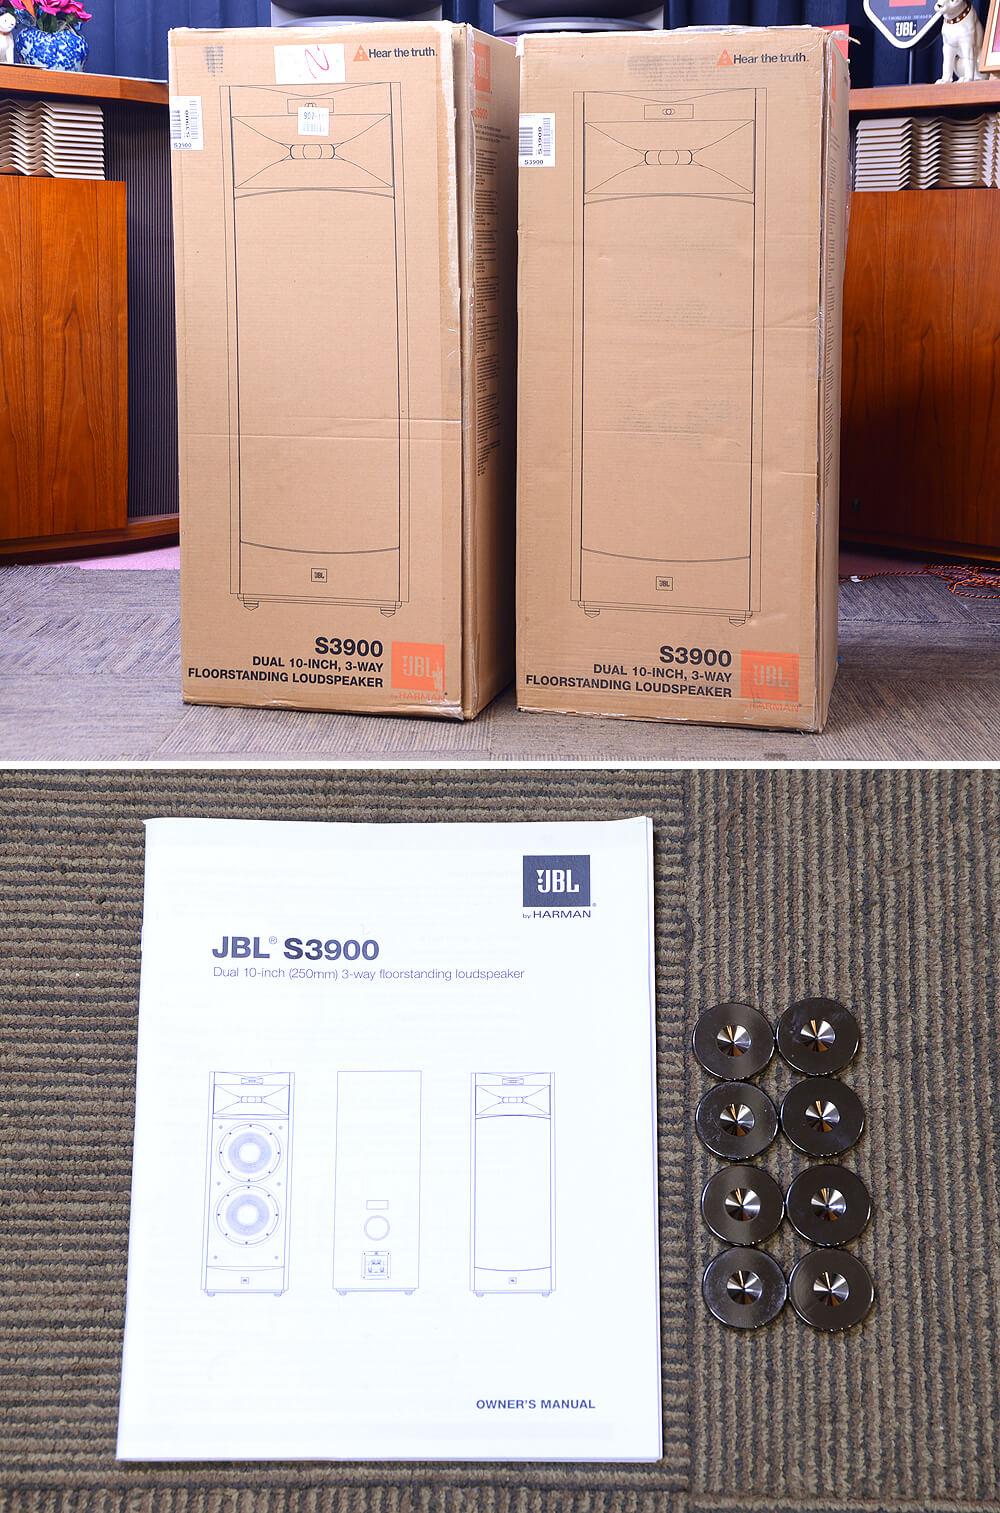 JBL S3900 3ウェイ フロア型スピーカー4枚目